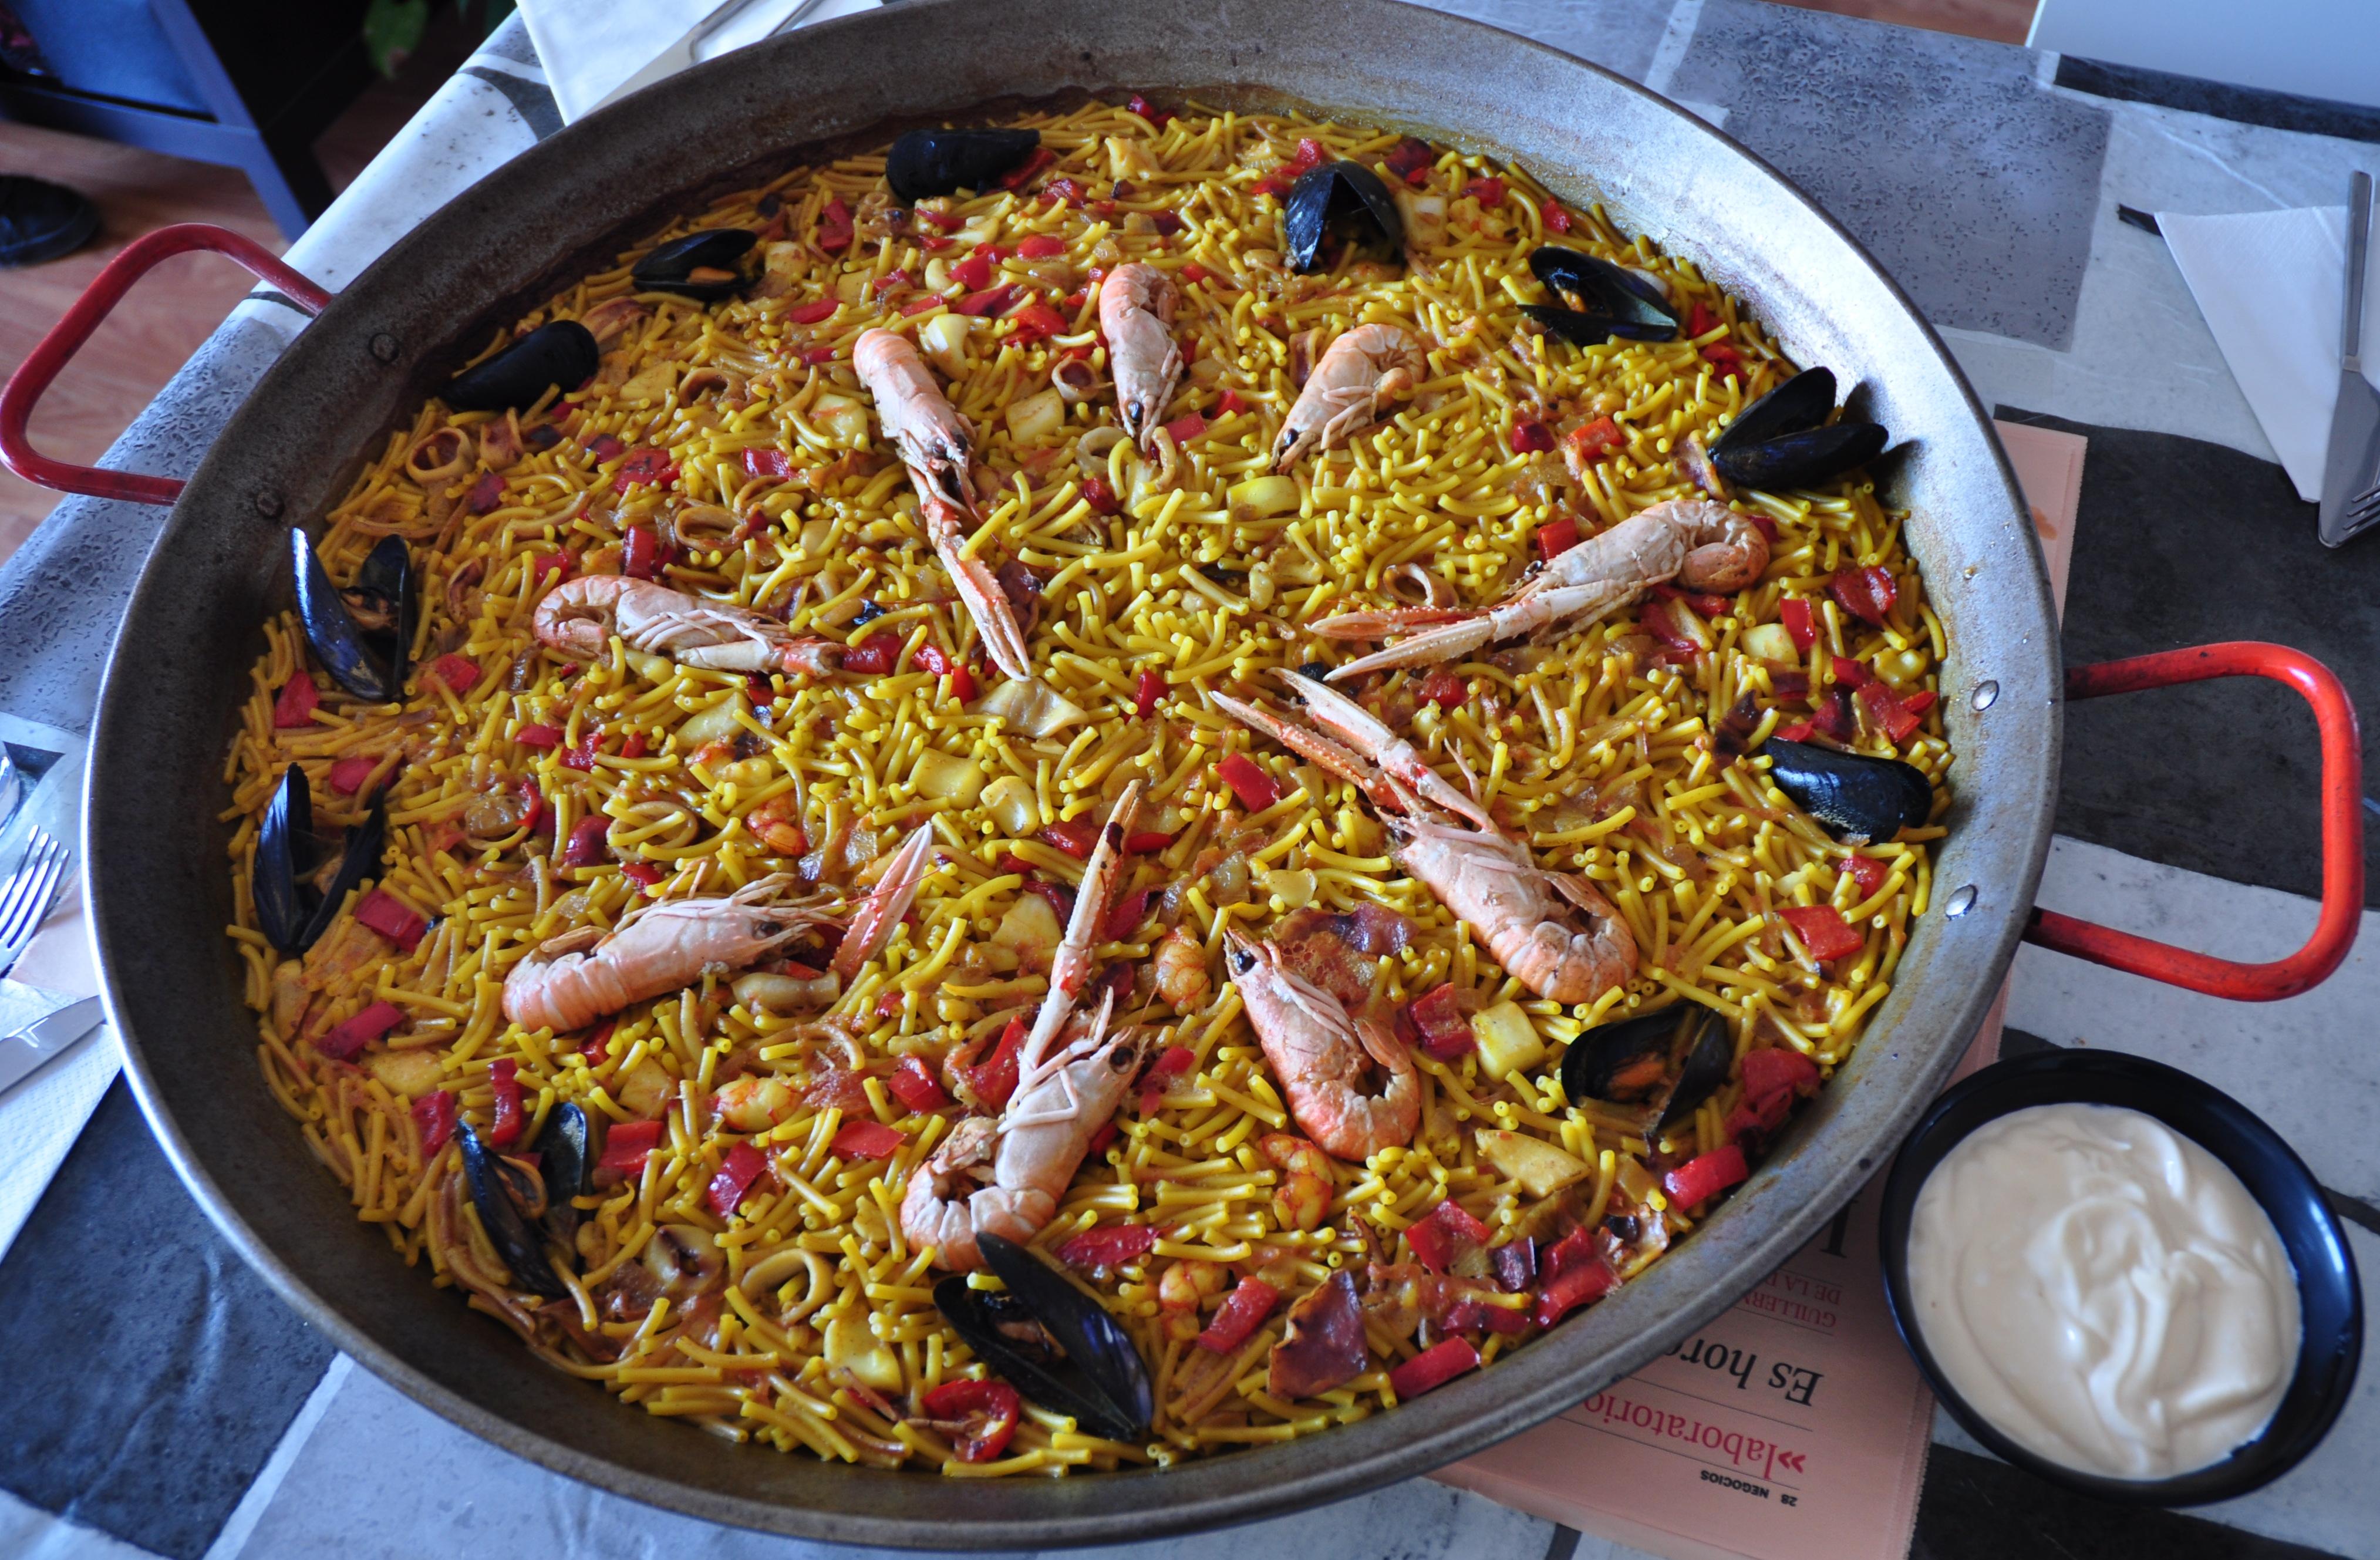 Paella'yı herhangi bir yerden yemek olmaz, yiyecekseniz bana kalırsa ...